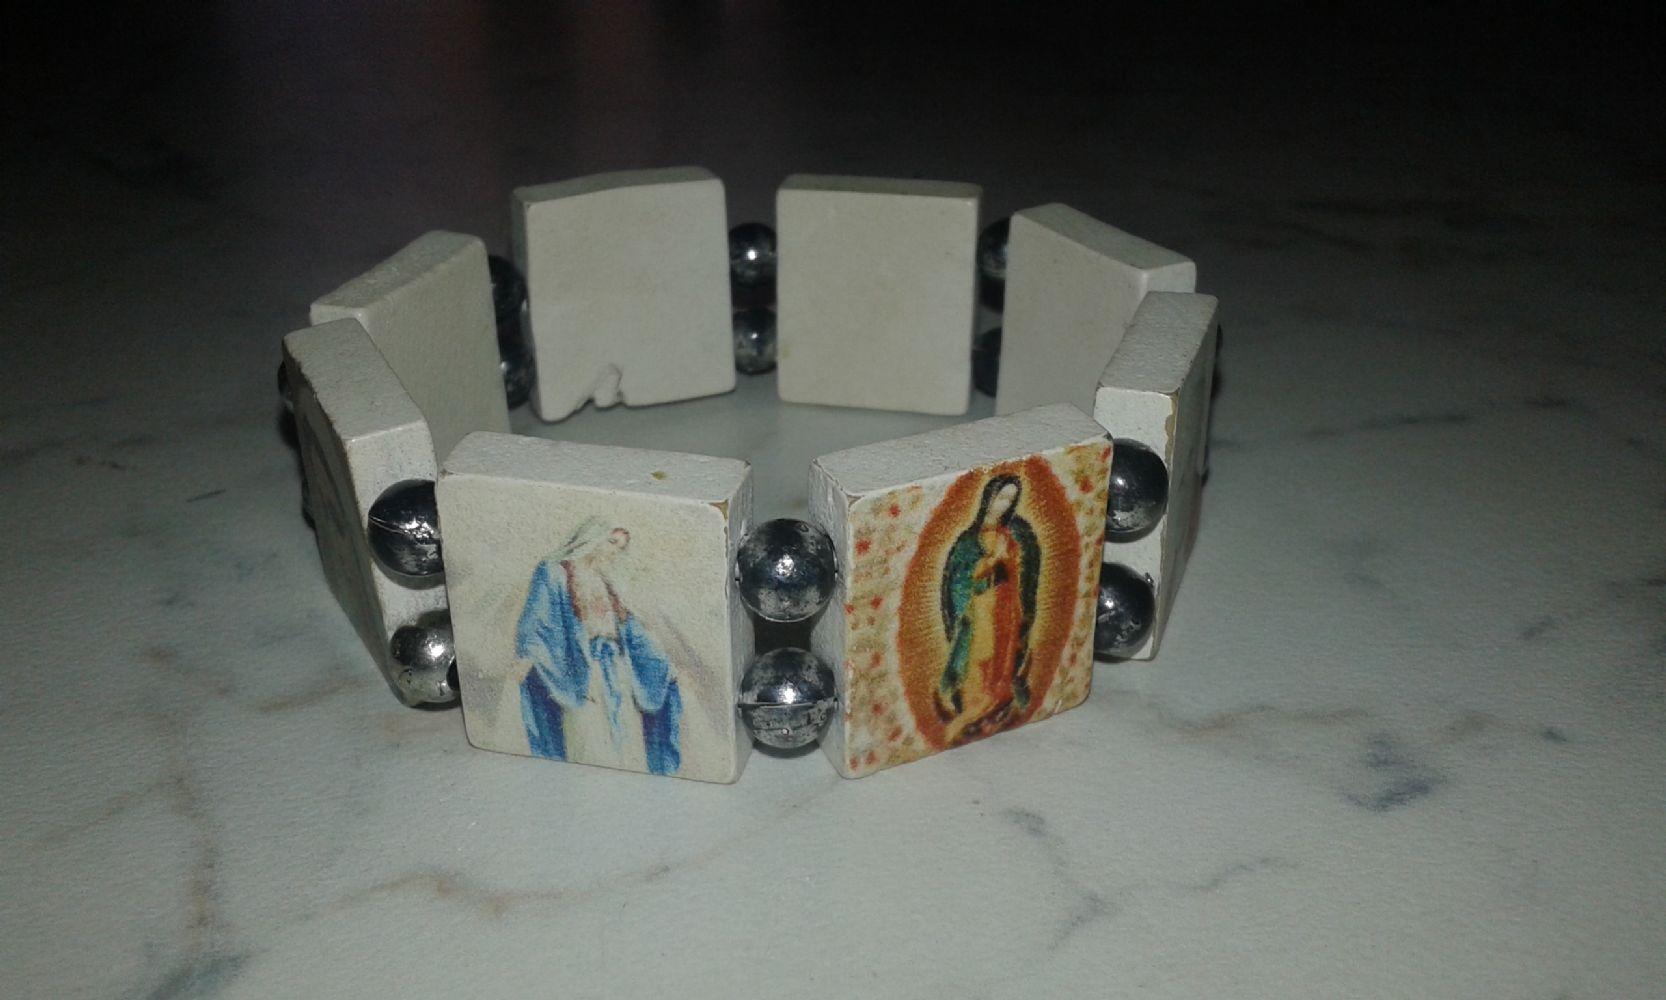 Baratto scambio regalo bracciale santi un po di tutto for Regalo oggetti usati